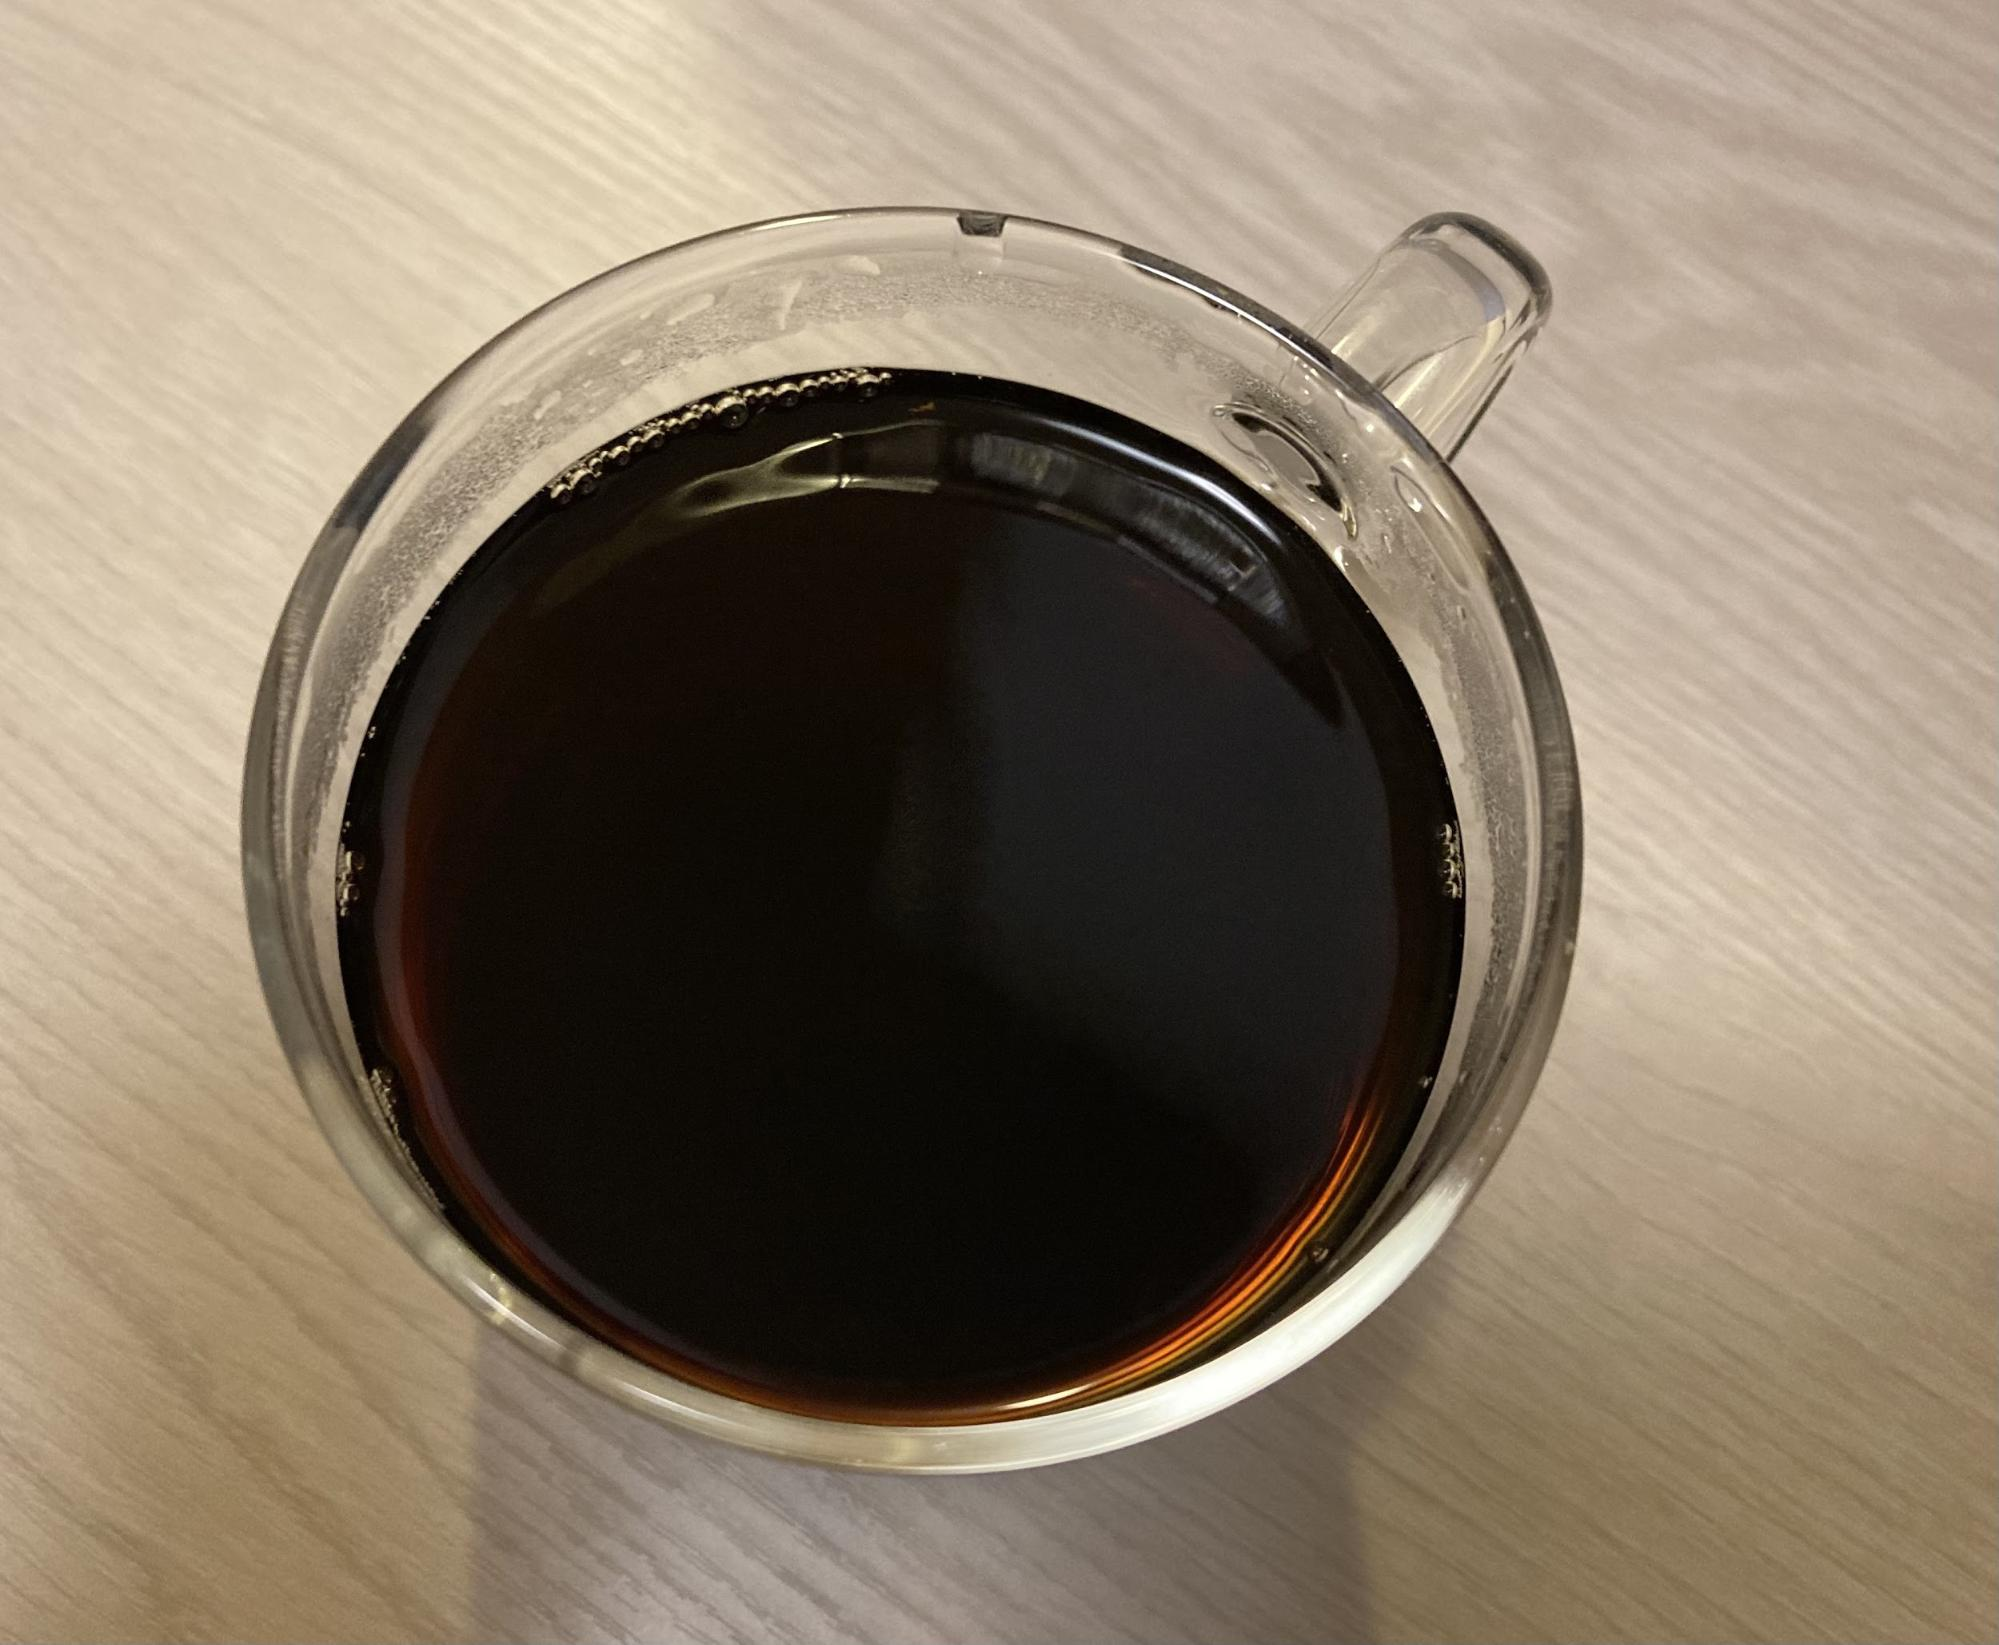 ペーパフィルターで抽出したコーヒー